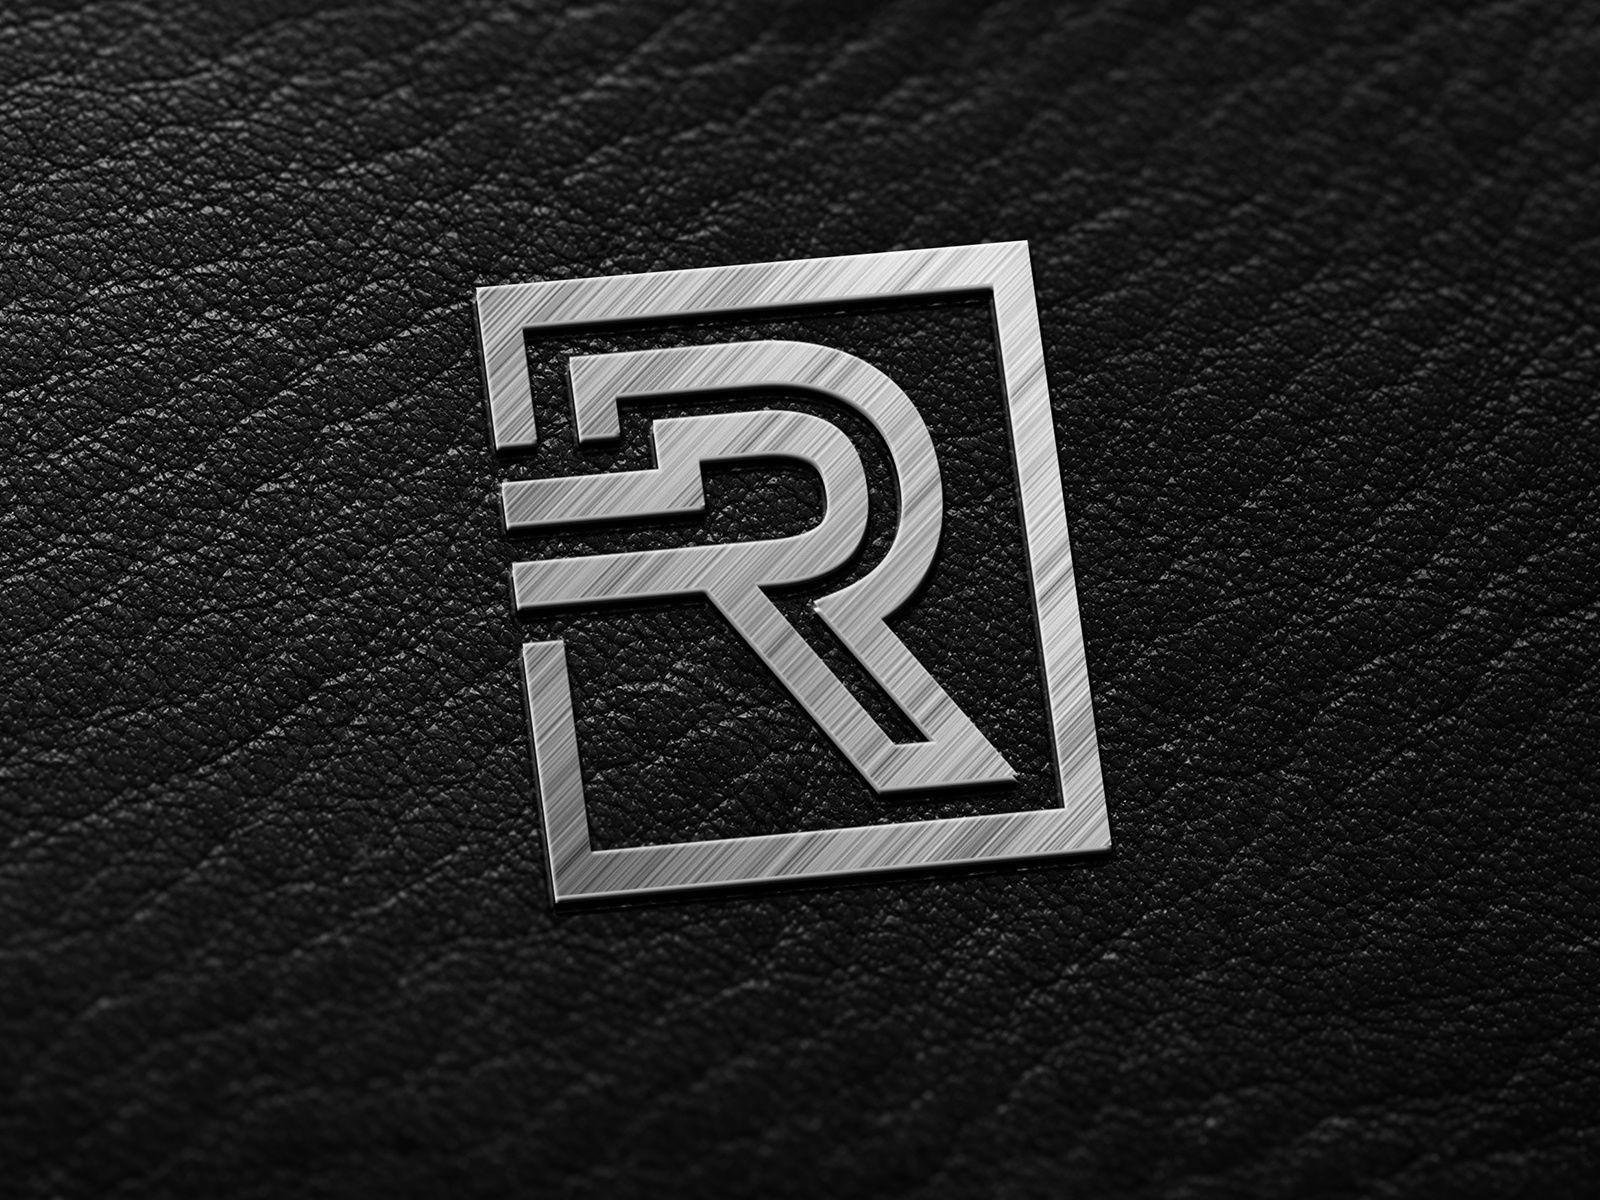 R Monogram Letter Logo Letter logo, Monogram letters, Logos